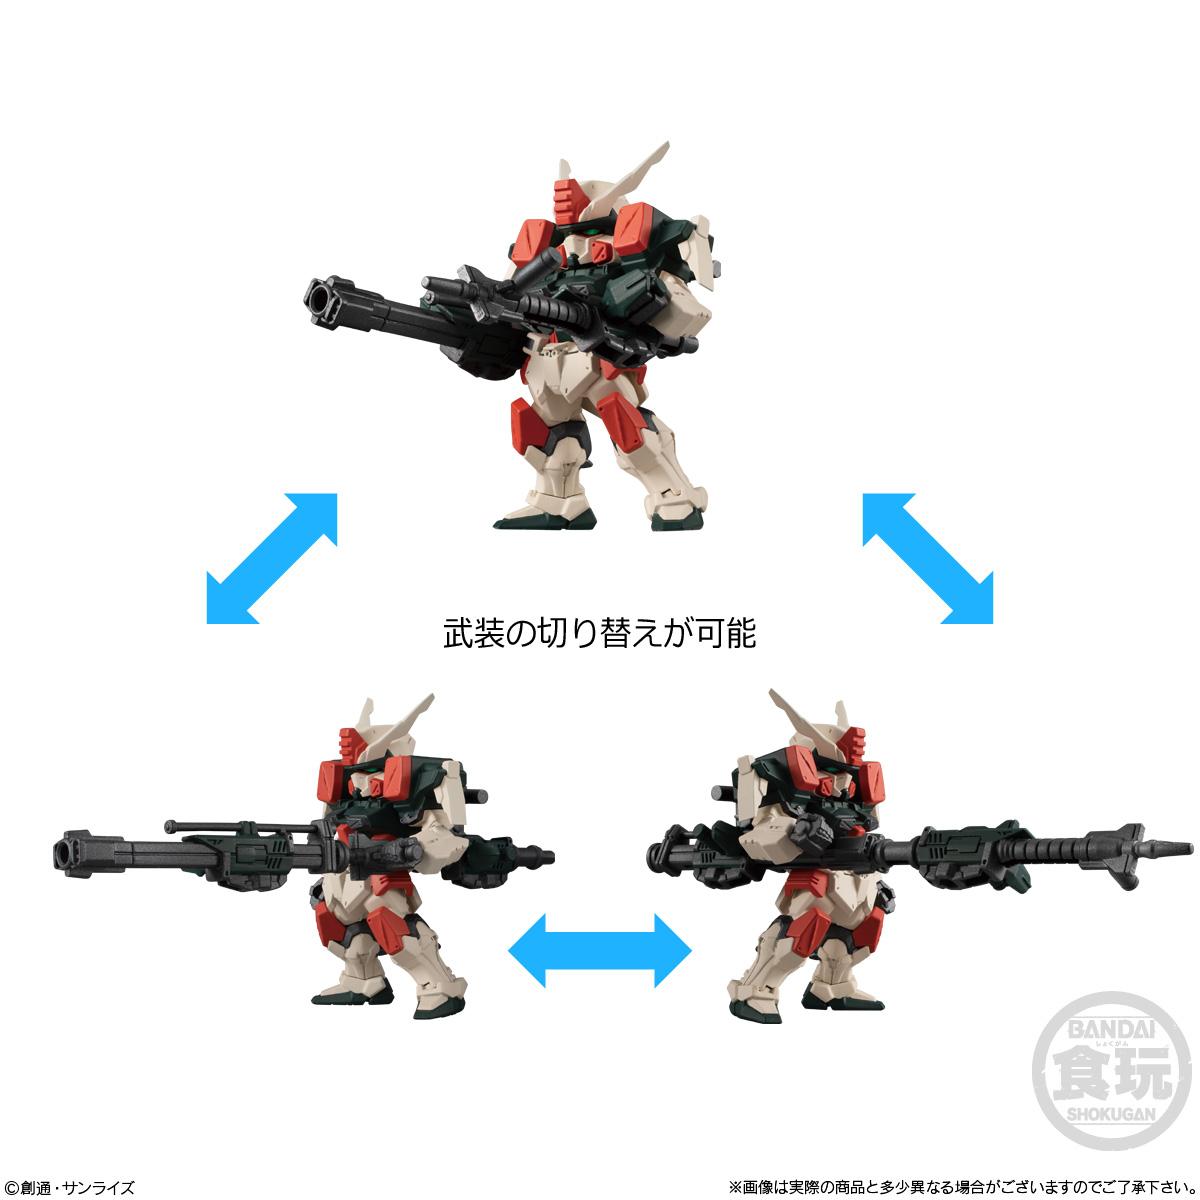 【食玩】機動戦士ガンダム『FW GUNDAM CONVERGE ♯22』10個入りBOX-009